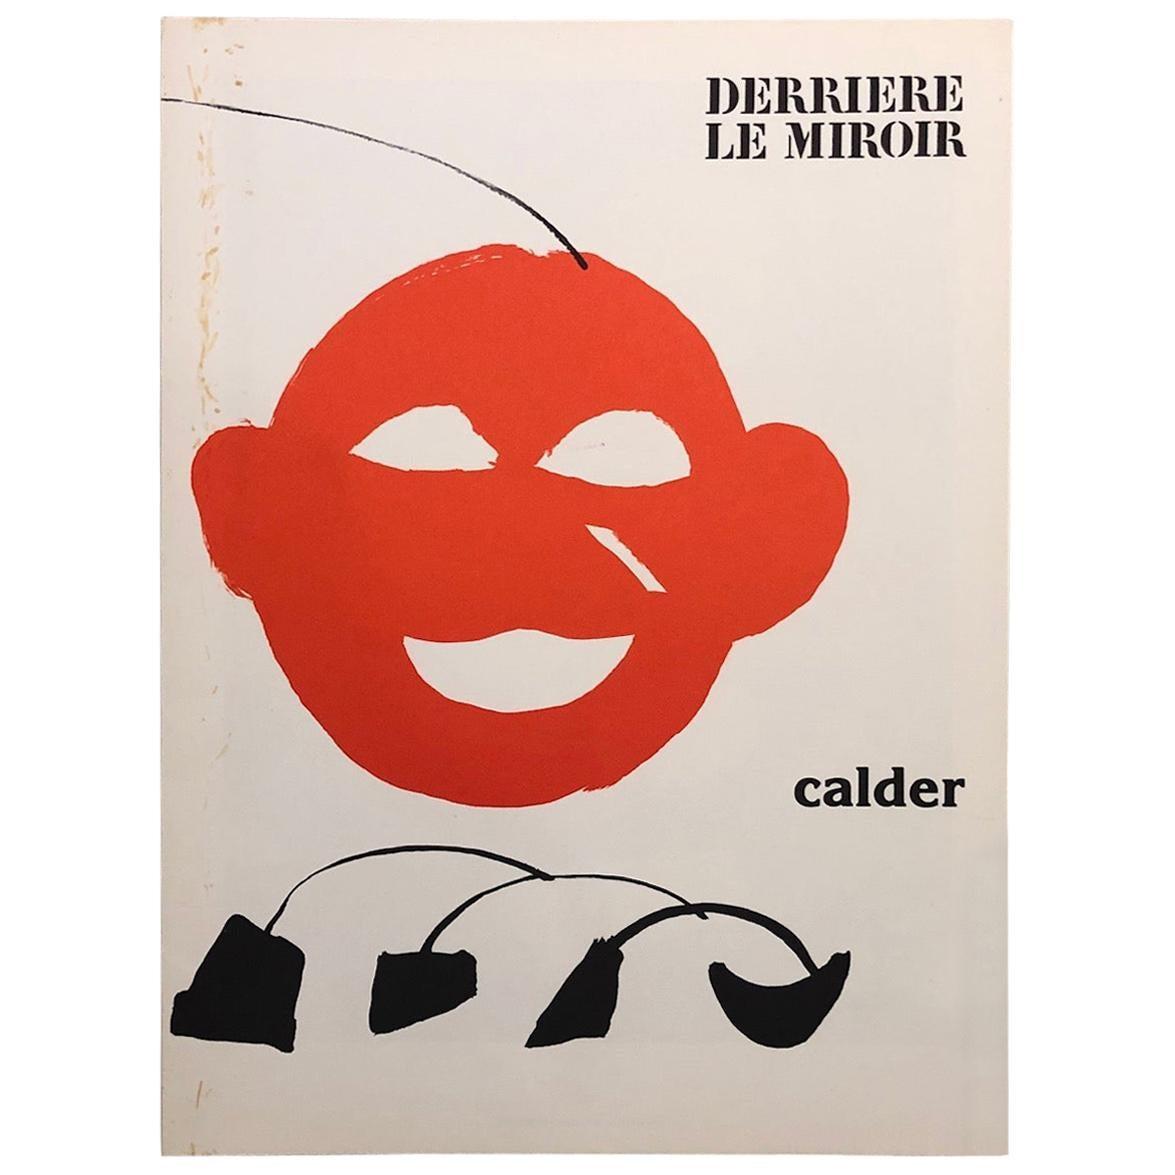 Alexander Calder 'Derrière Le Miroir' Portfolio of 5 Lithographs by Maeght 1976